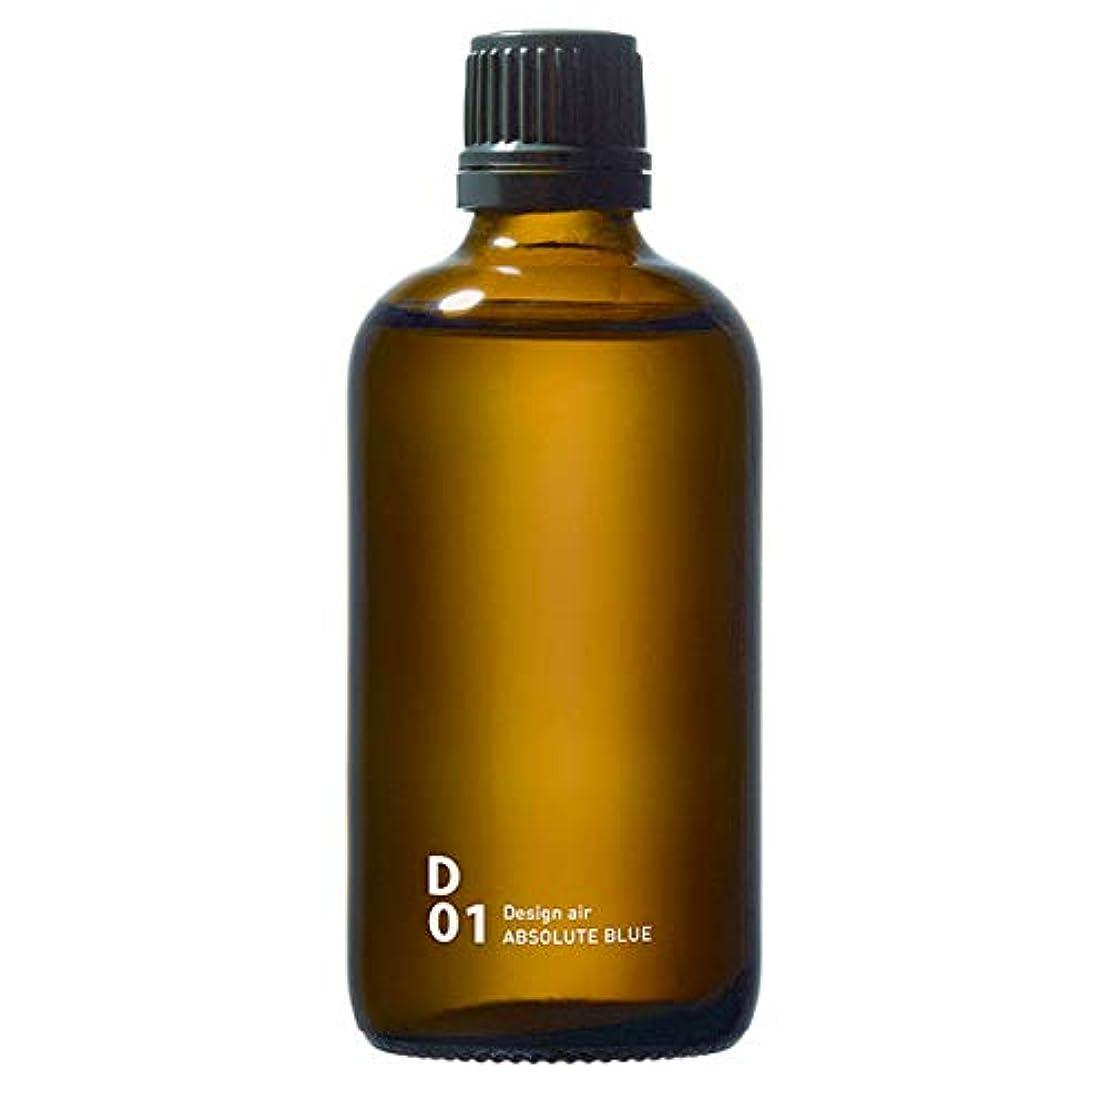 シアー休日にからかうD01 ABSOLUTE BLUE piezo aroma oil 100ml